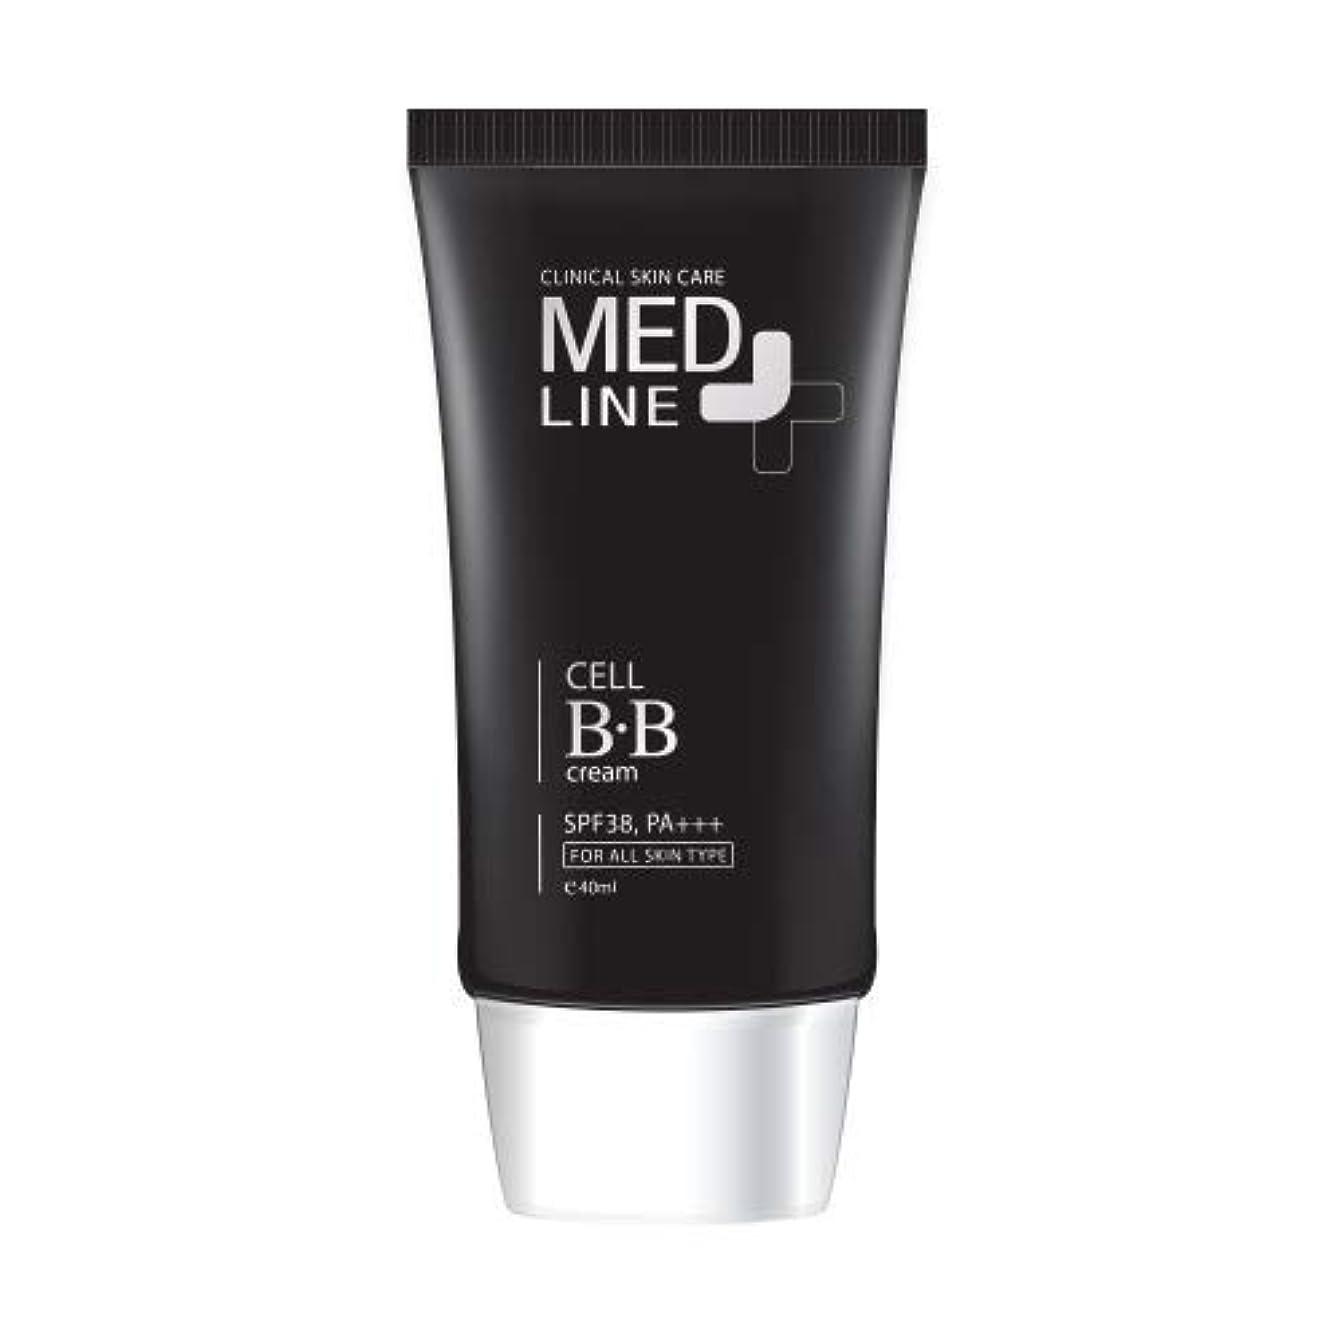 区画朝の体操をする知性メドライン(Med Line) セルBBクリーム(Cell B.B Cream)